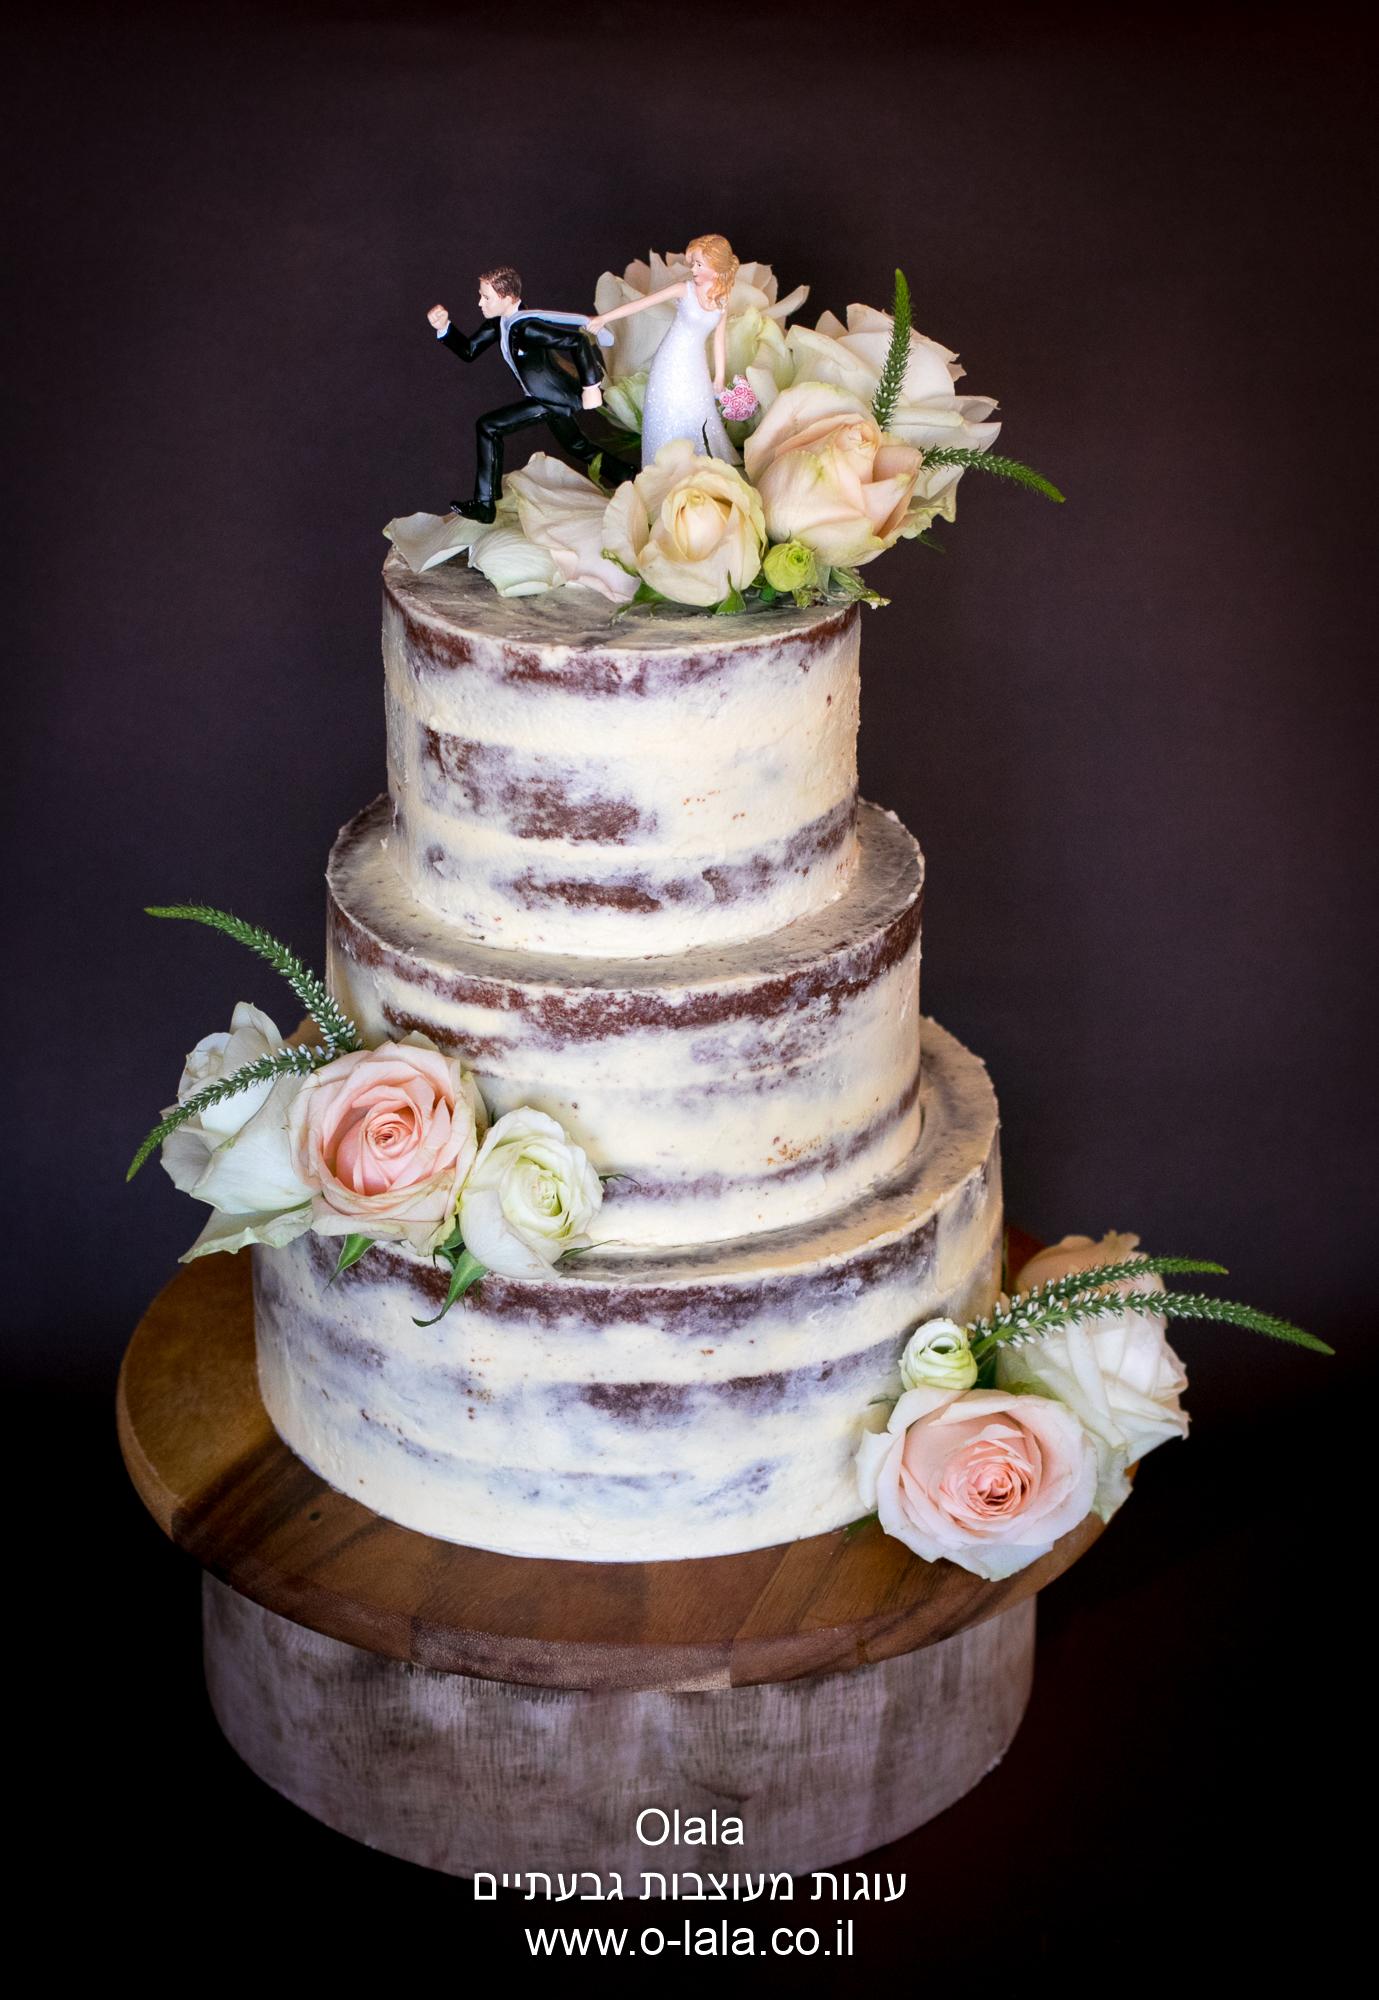 עוגת חתונה עם ורדים טריים